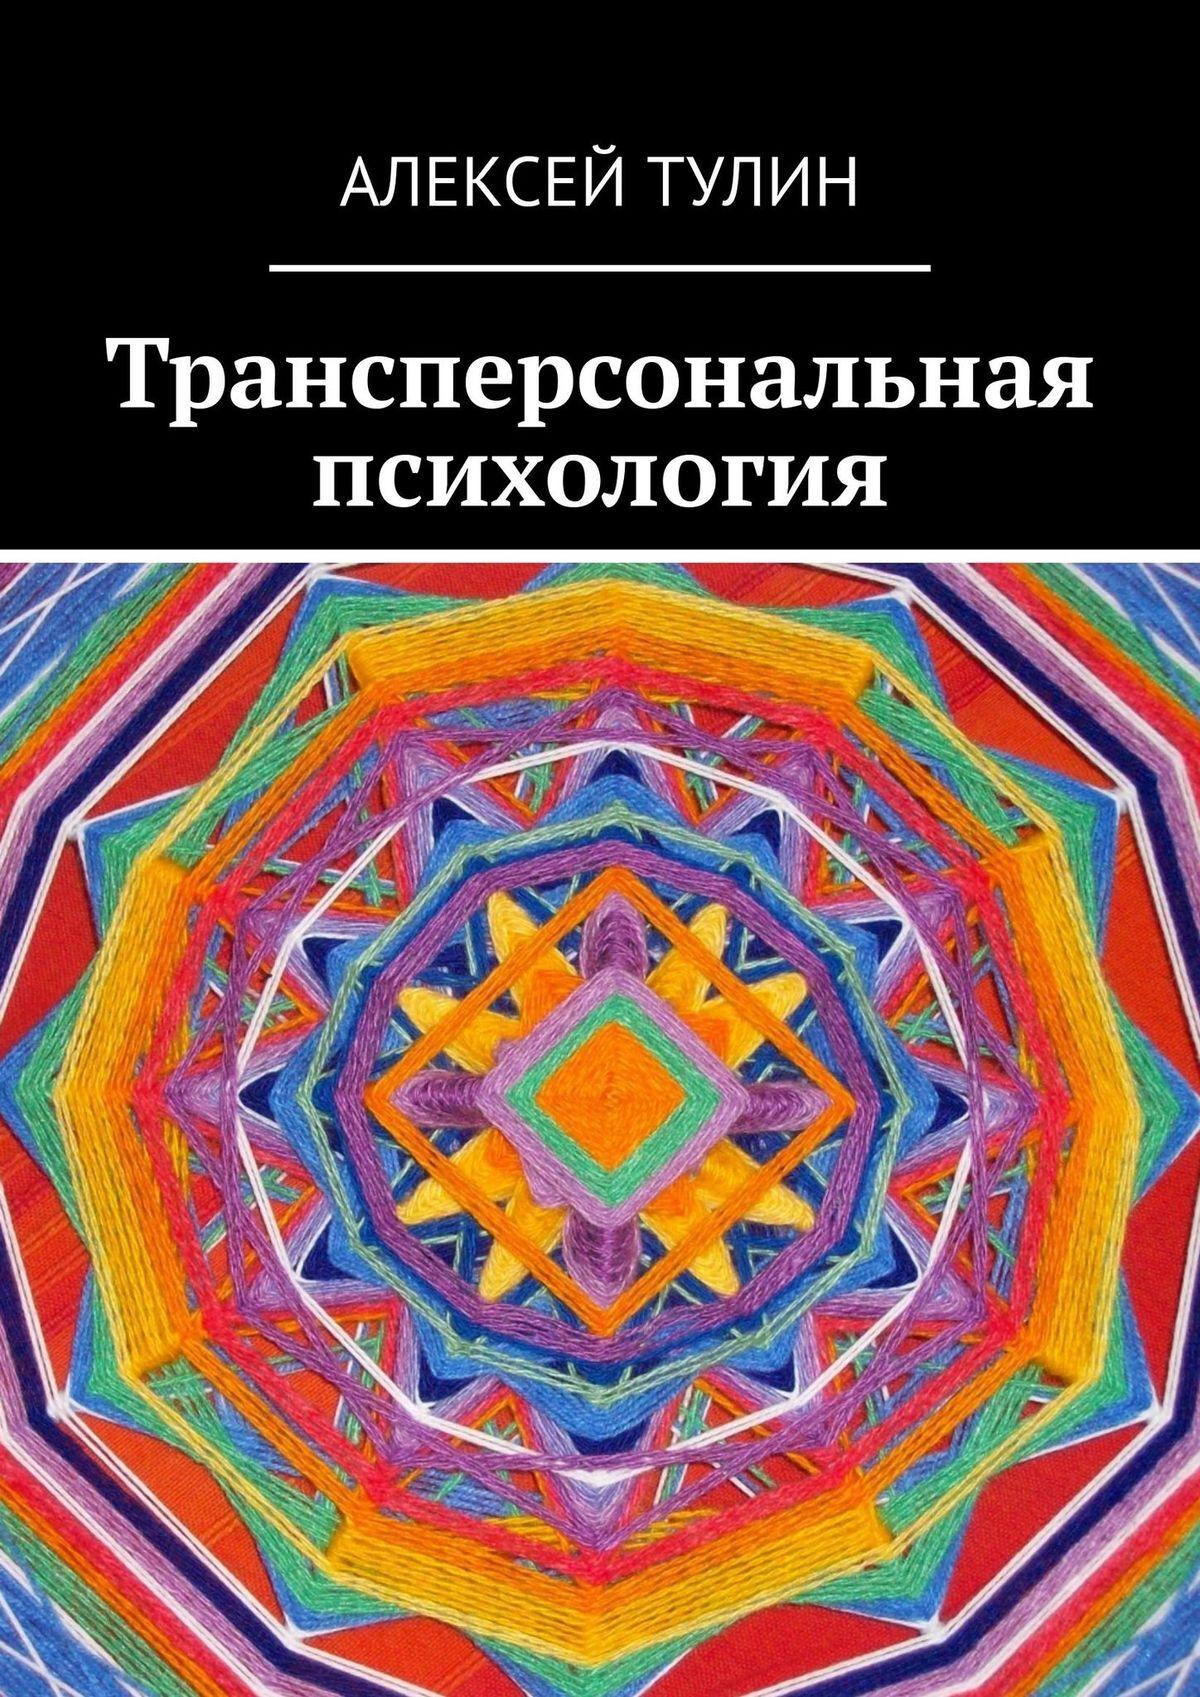 Алексей Тулин Трансперсональная психология история психологии психология души учебник для вузов